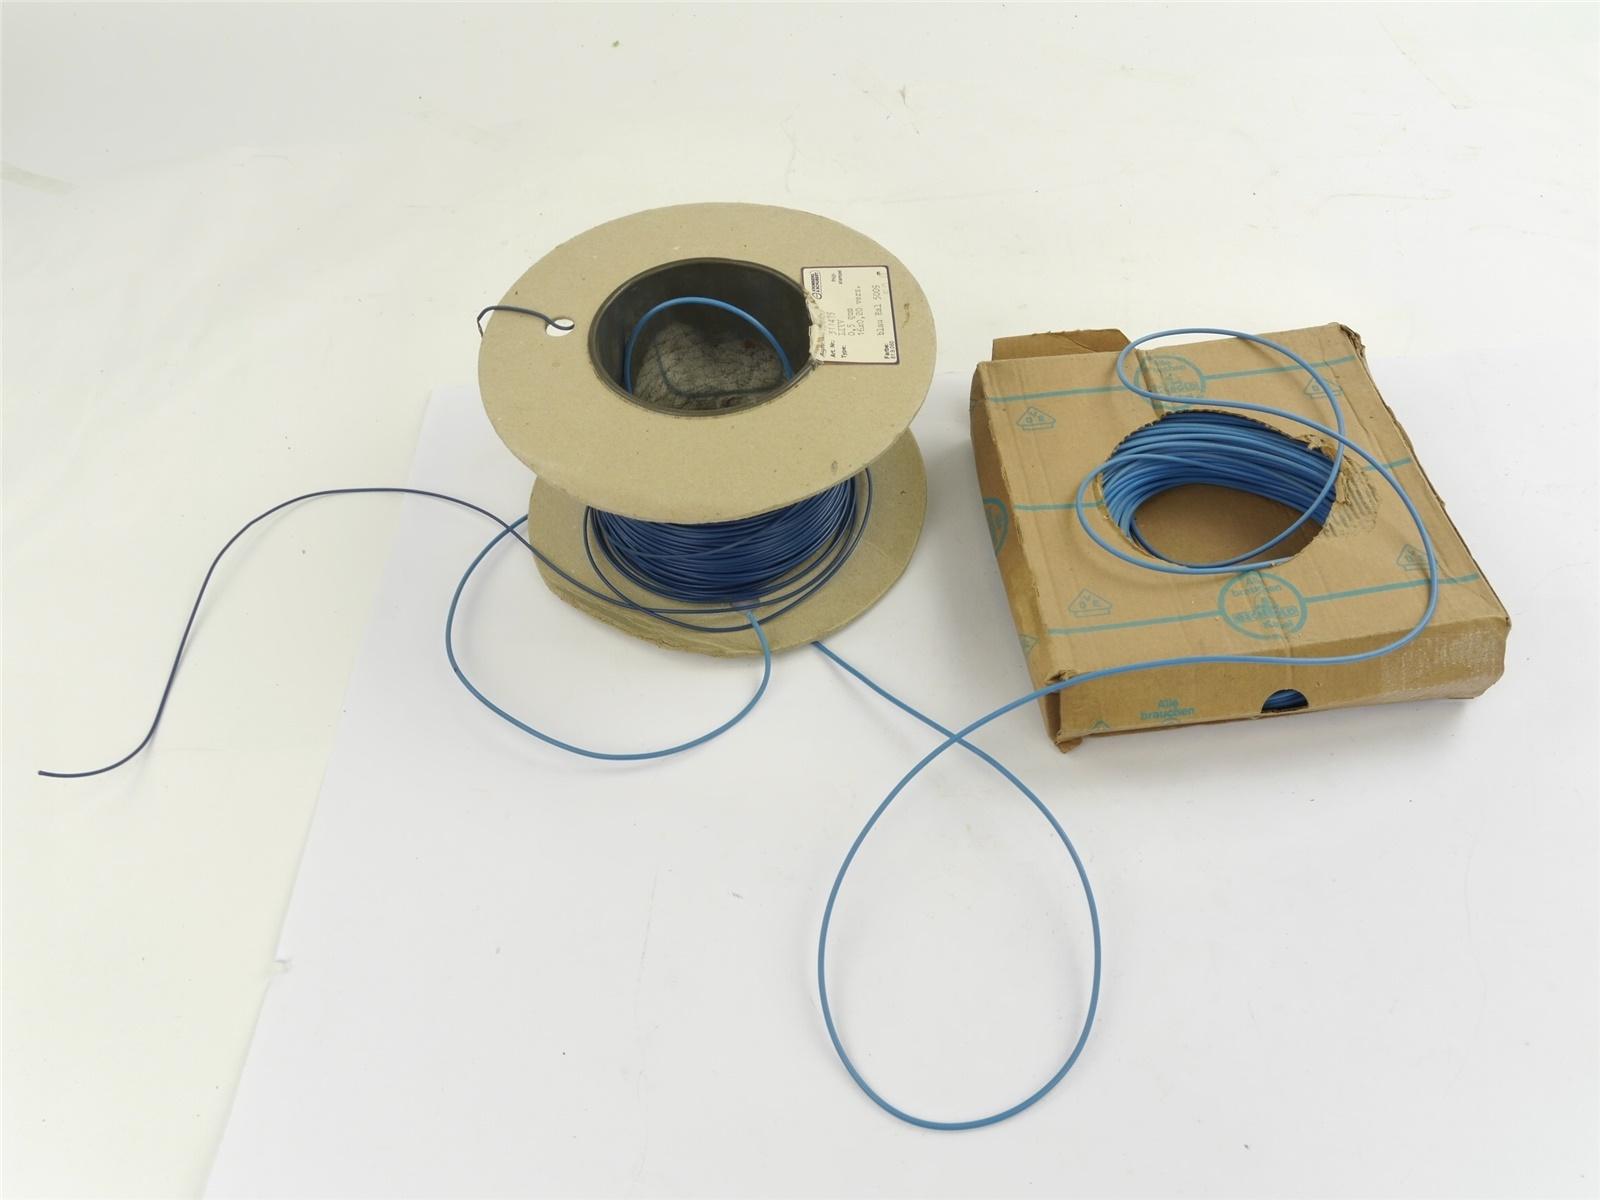 E132 Kromberg&Schubert Bechtold 2x Zubehör Kabel Litze blau 0,5-1 mm² / ca 1,5kg